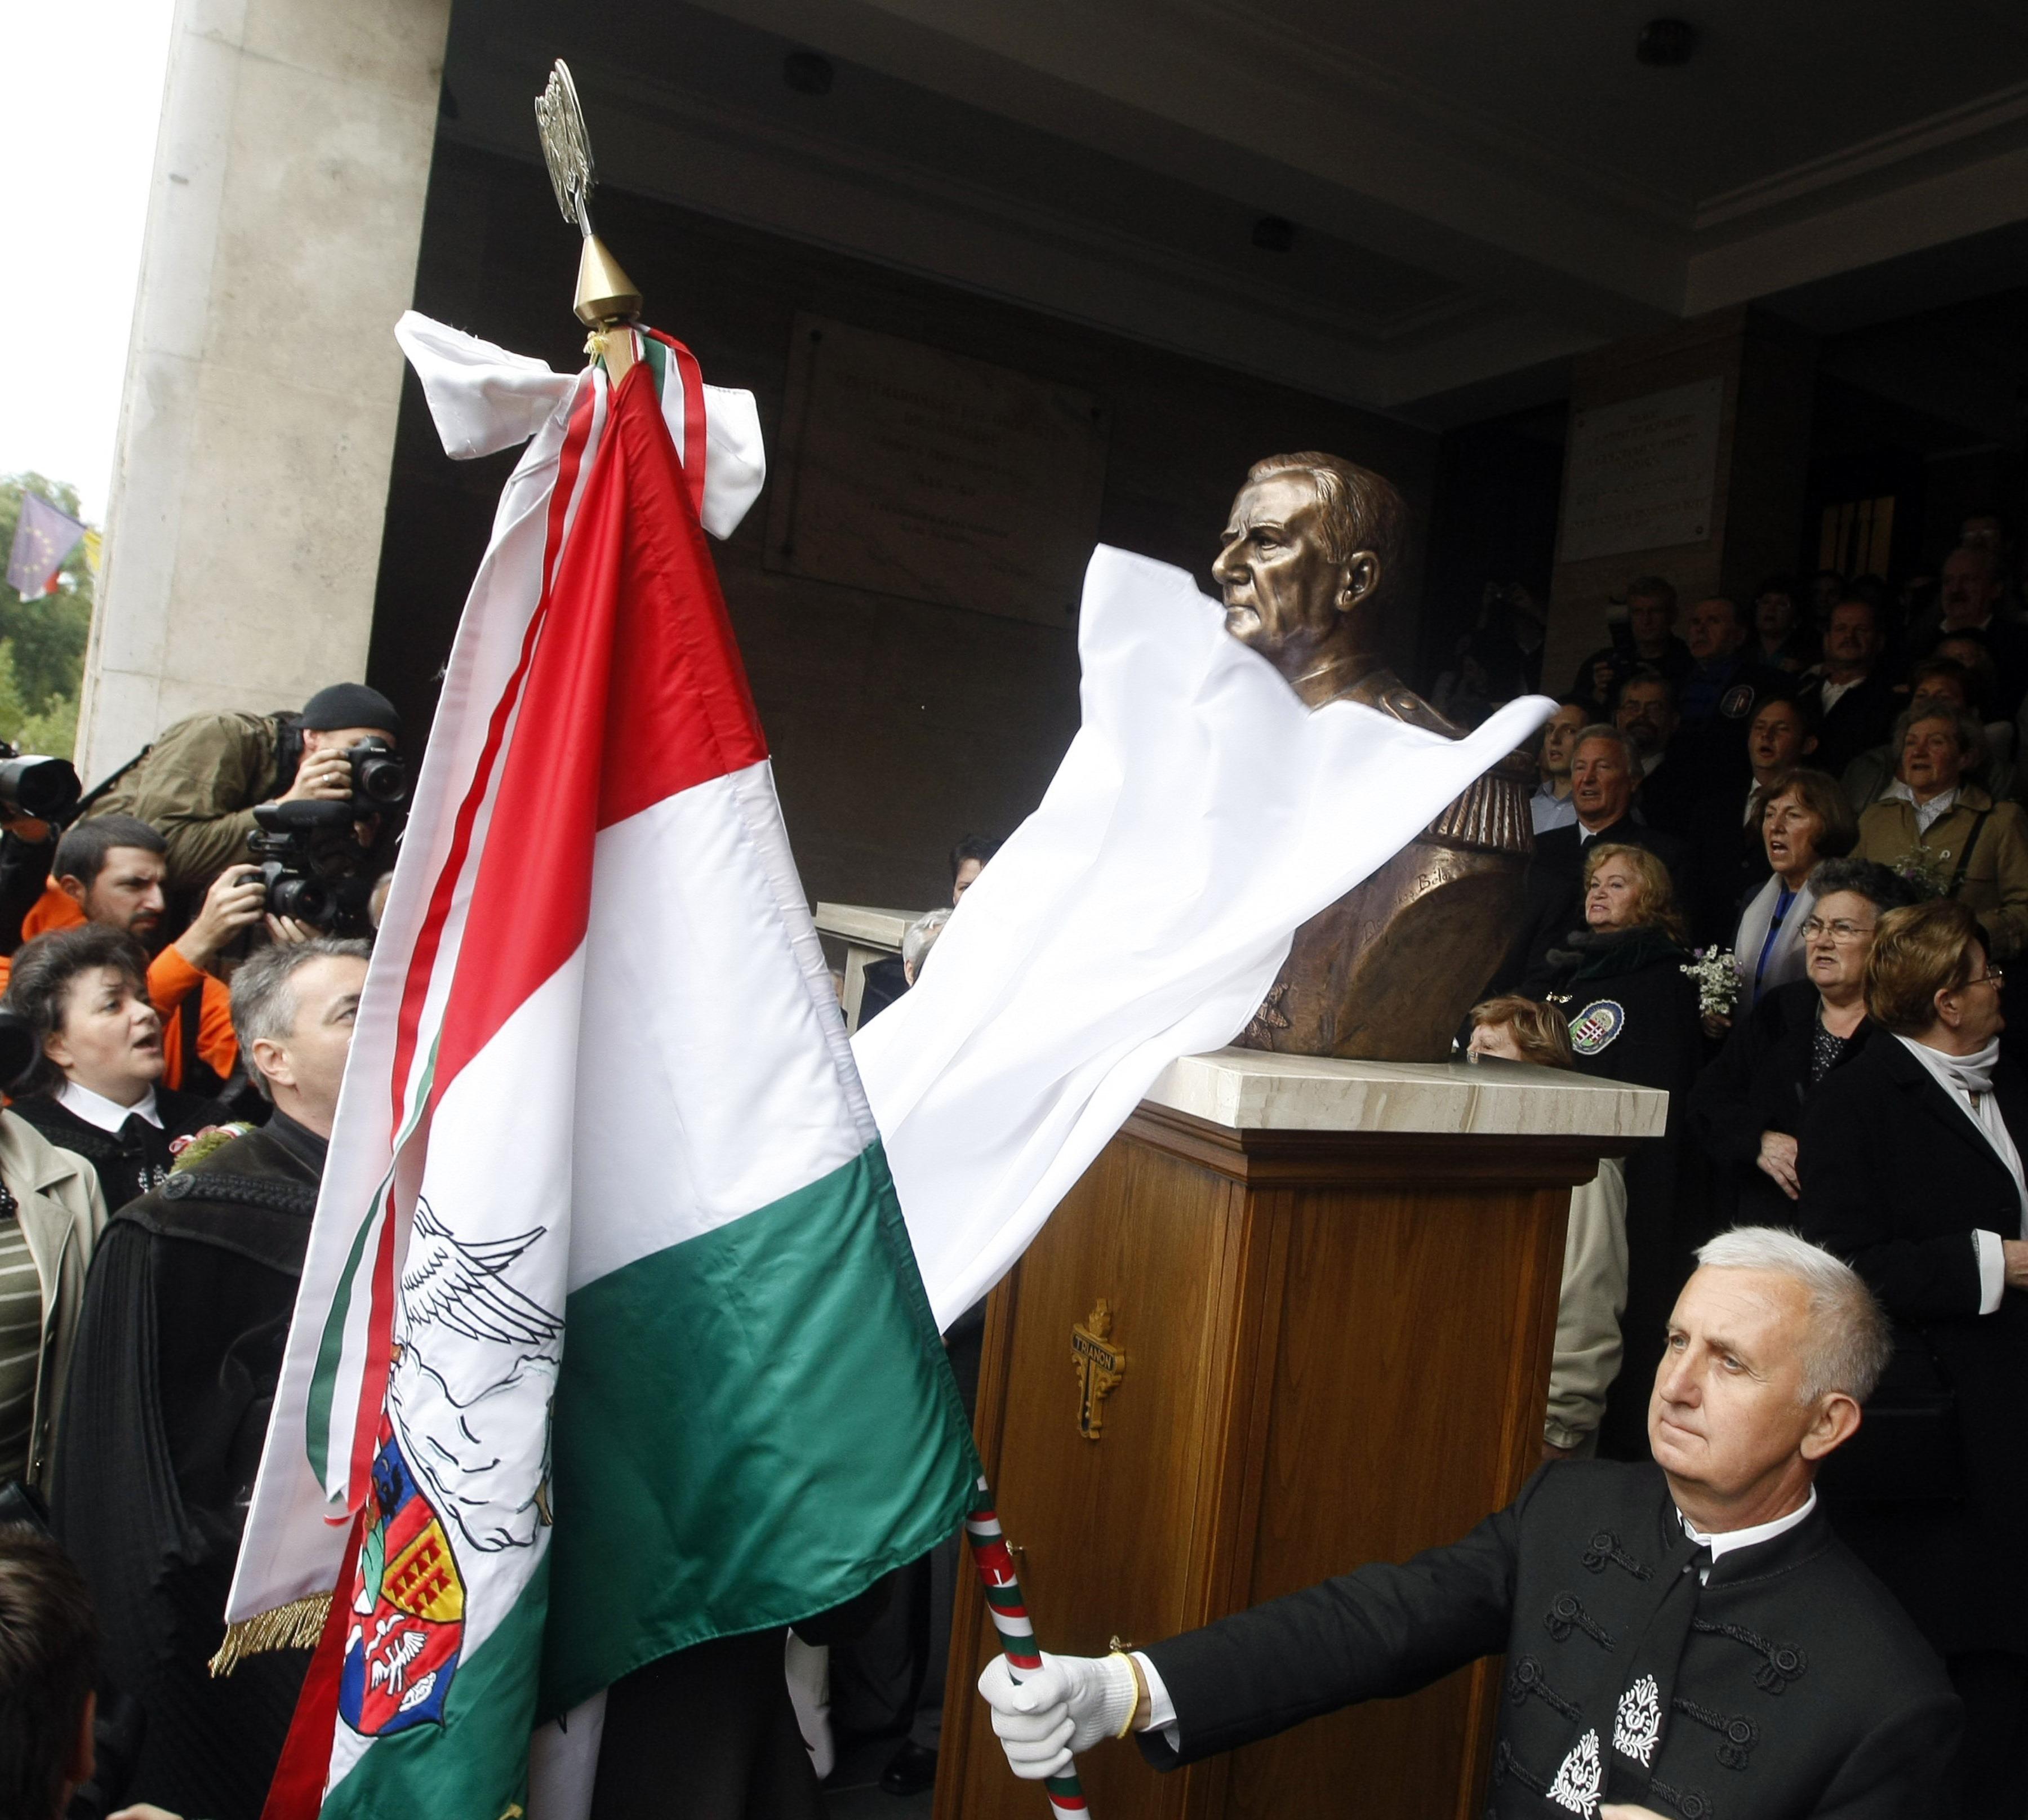 Szlovákiában akarnak szobrot állítani Horthynak